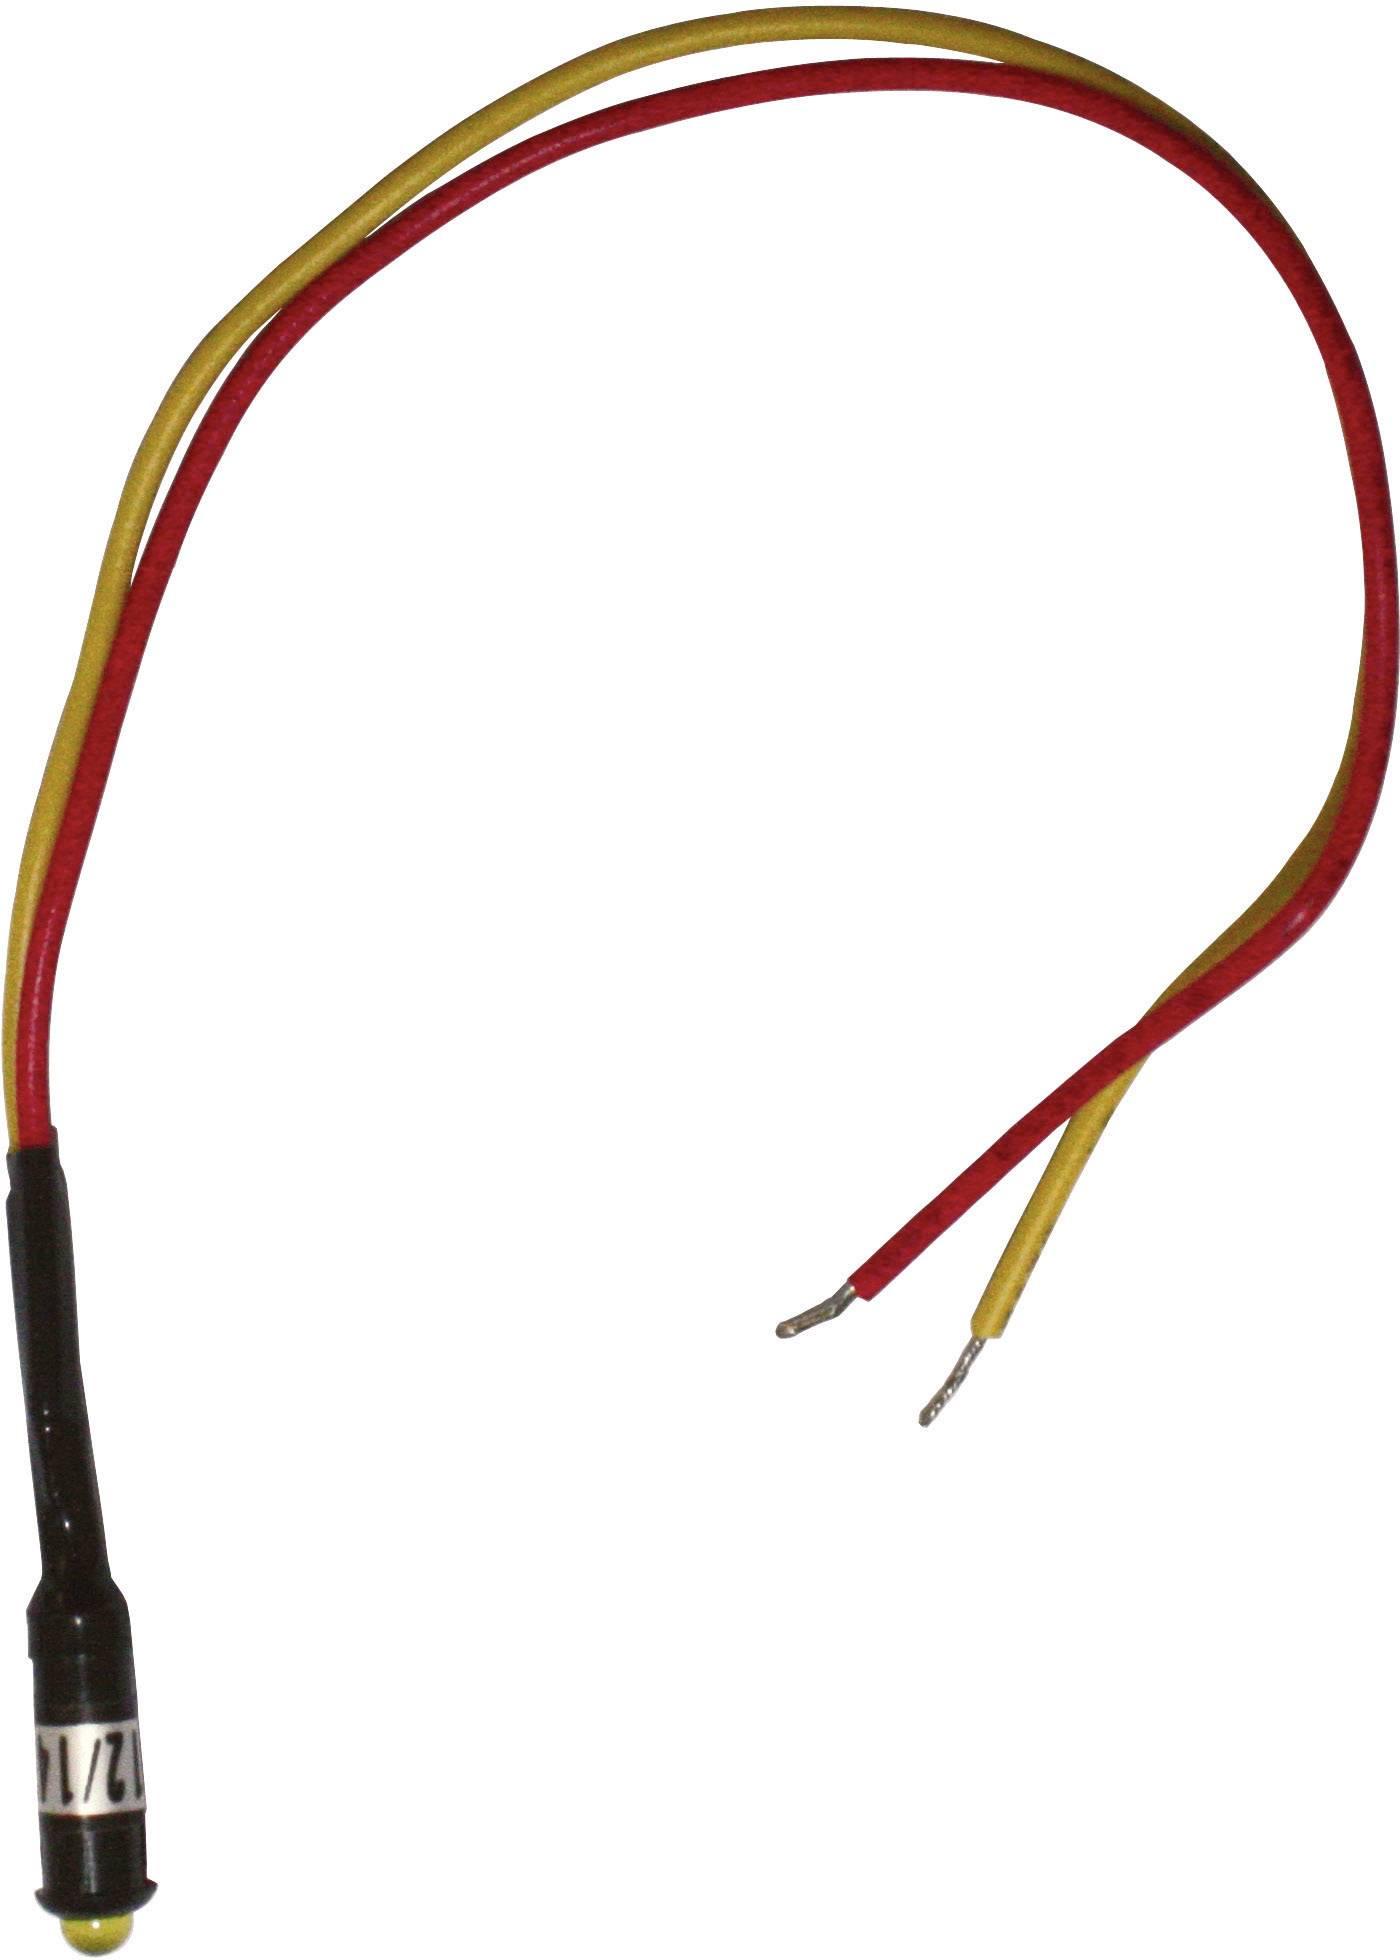 LED signálka Barthelme 52030611, 5 V/DC, červená